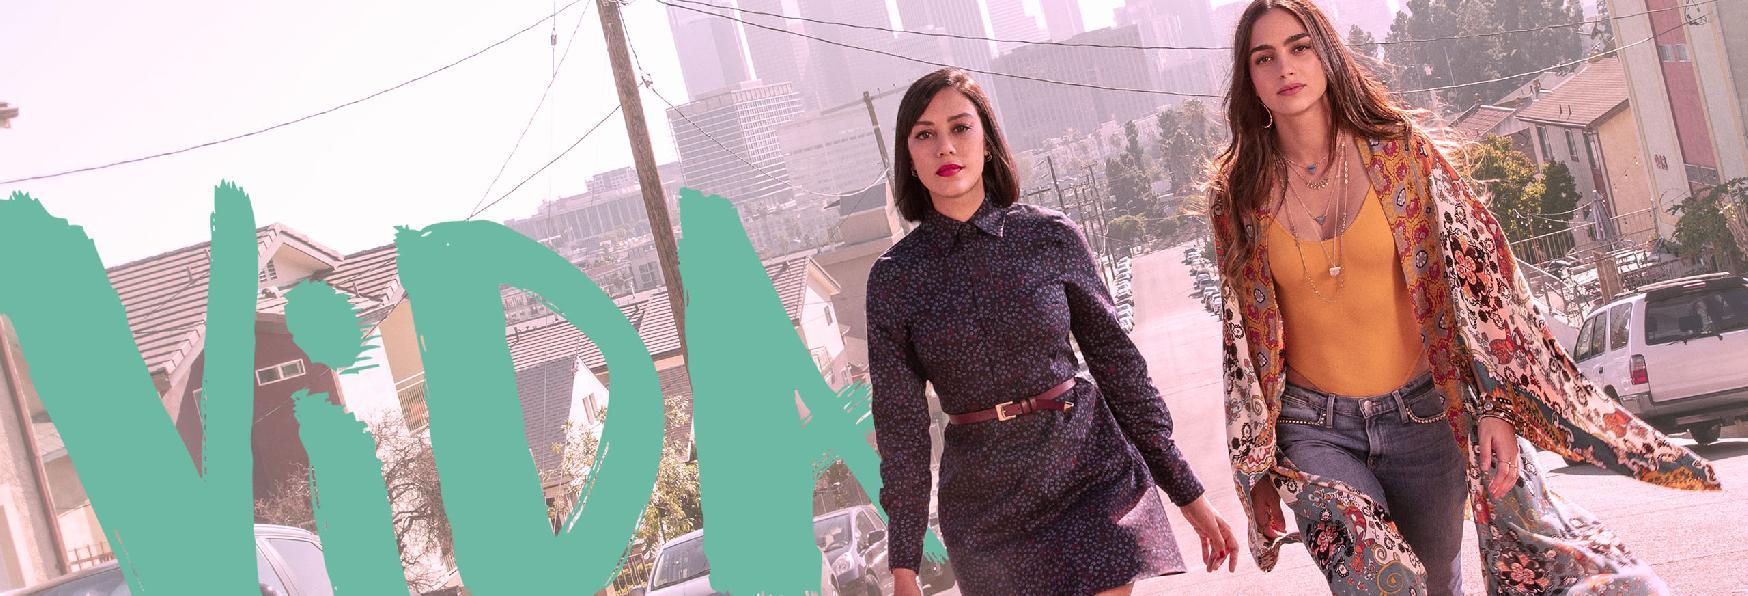 Vida: la Serie TV prodotta da Starz viene Rinnovata per una 3° Stagione